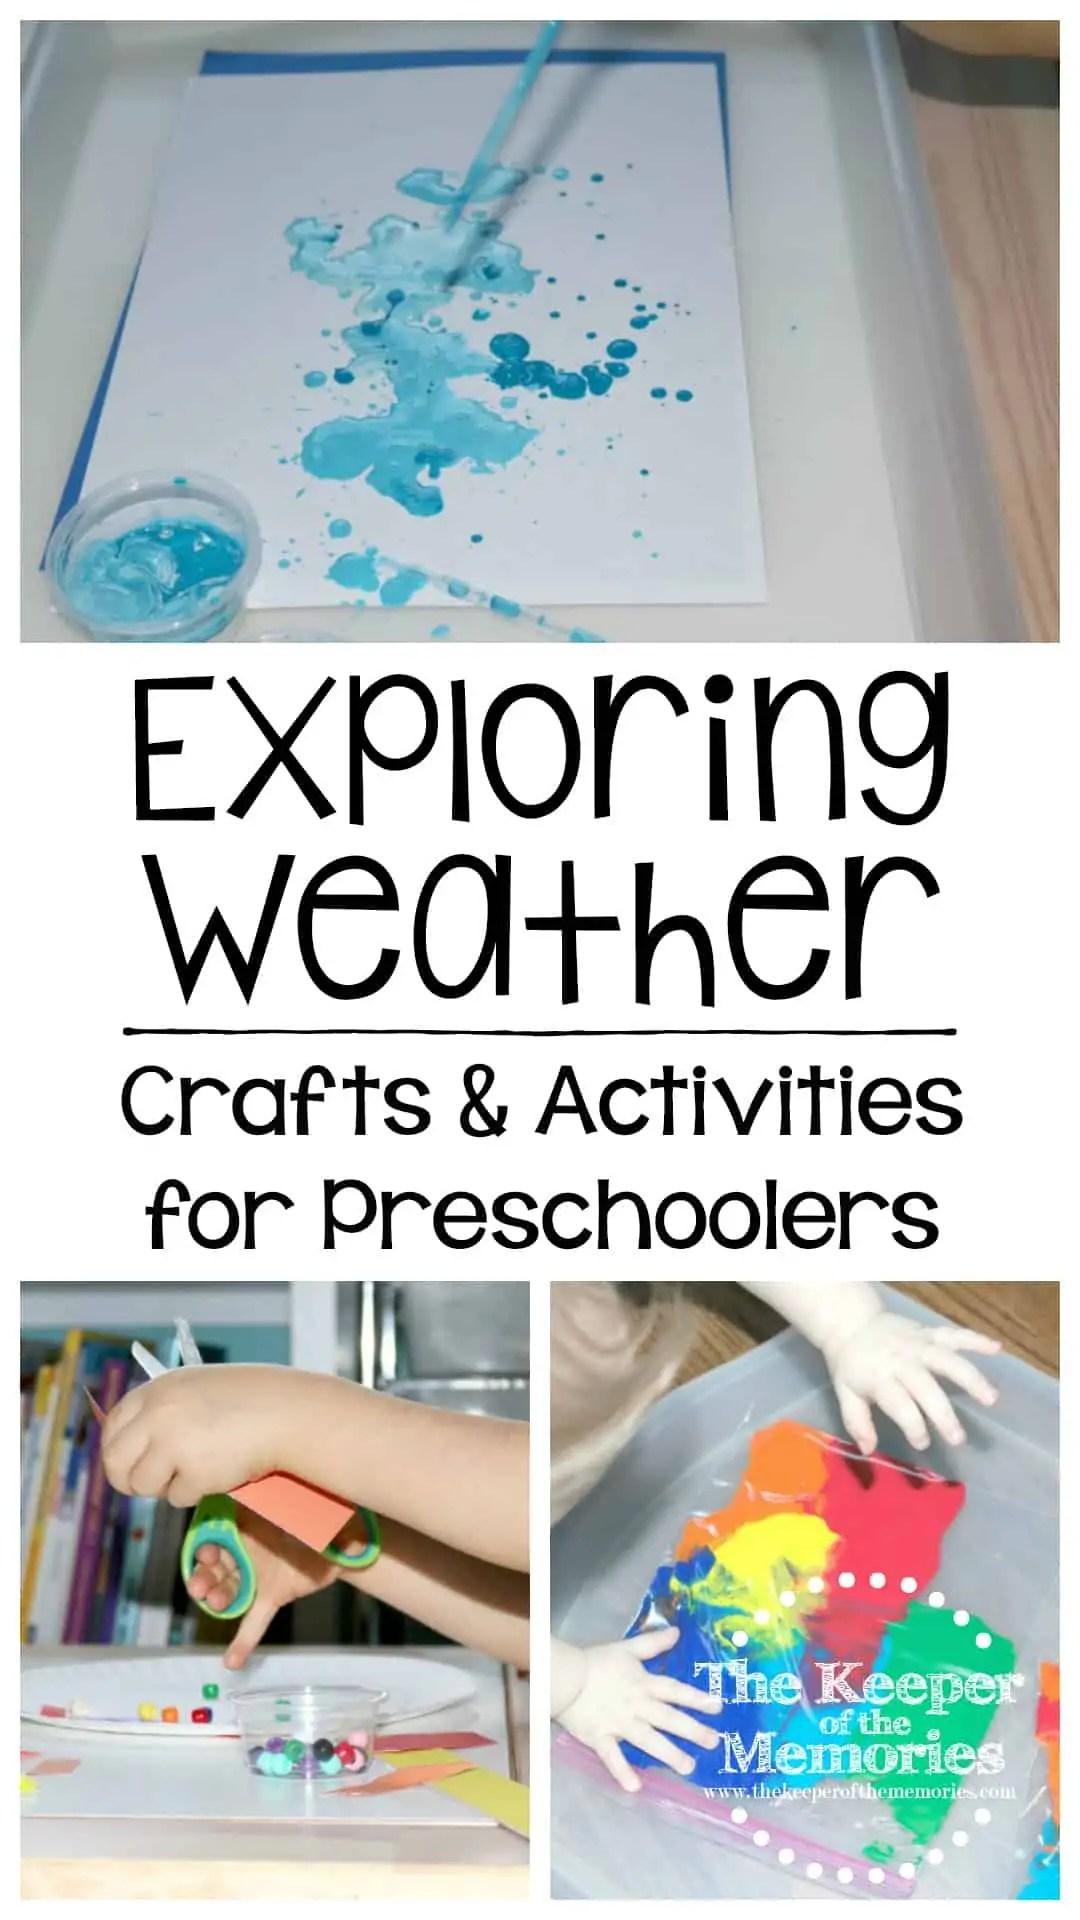 Exploring Weather With Preschoolers